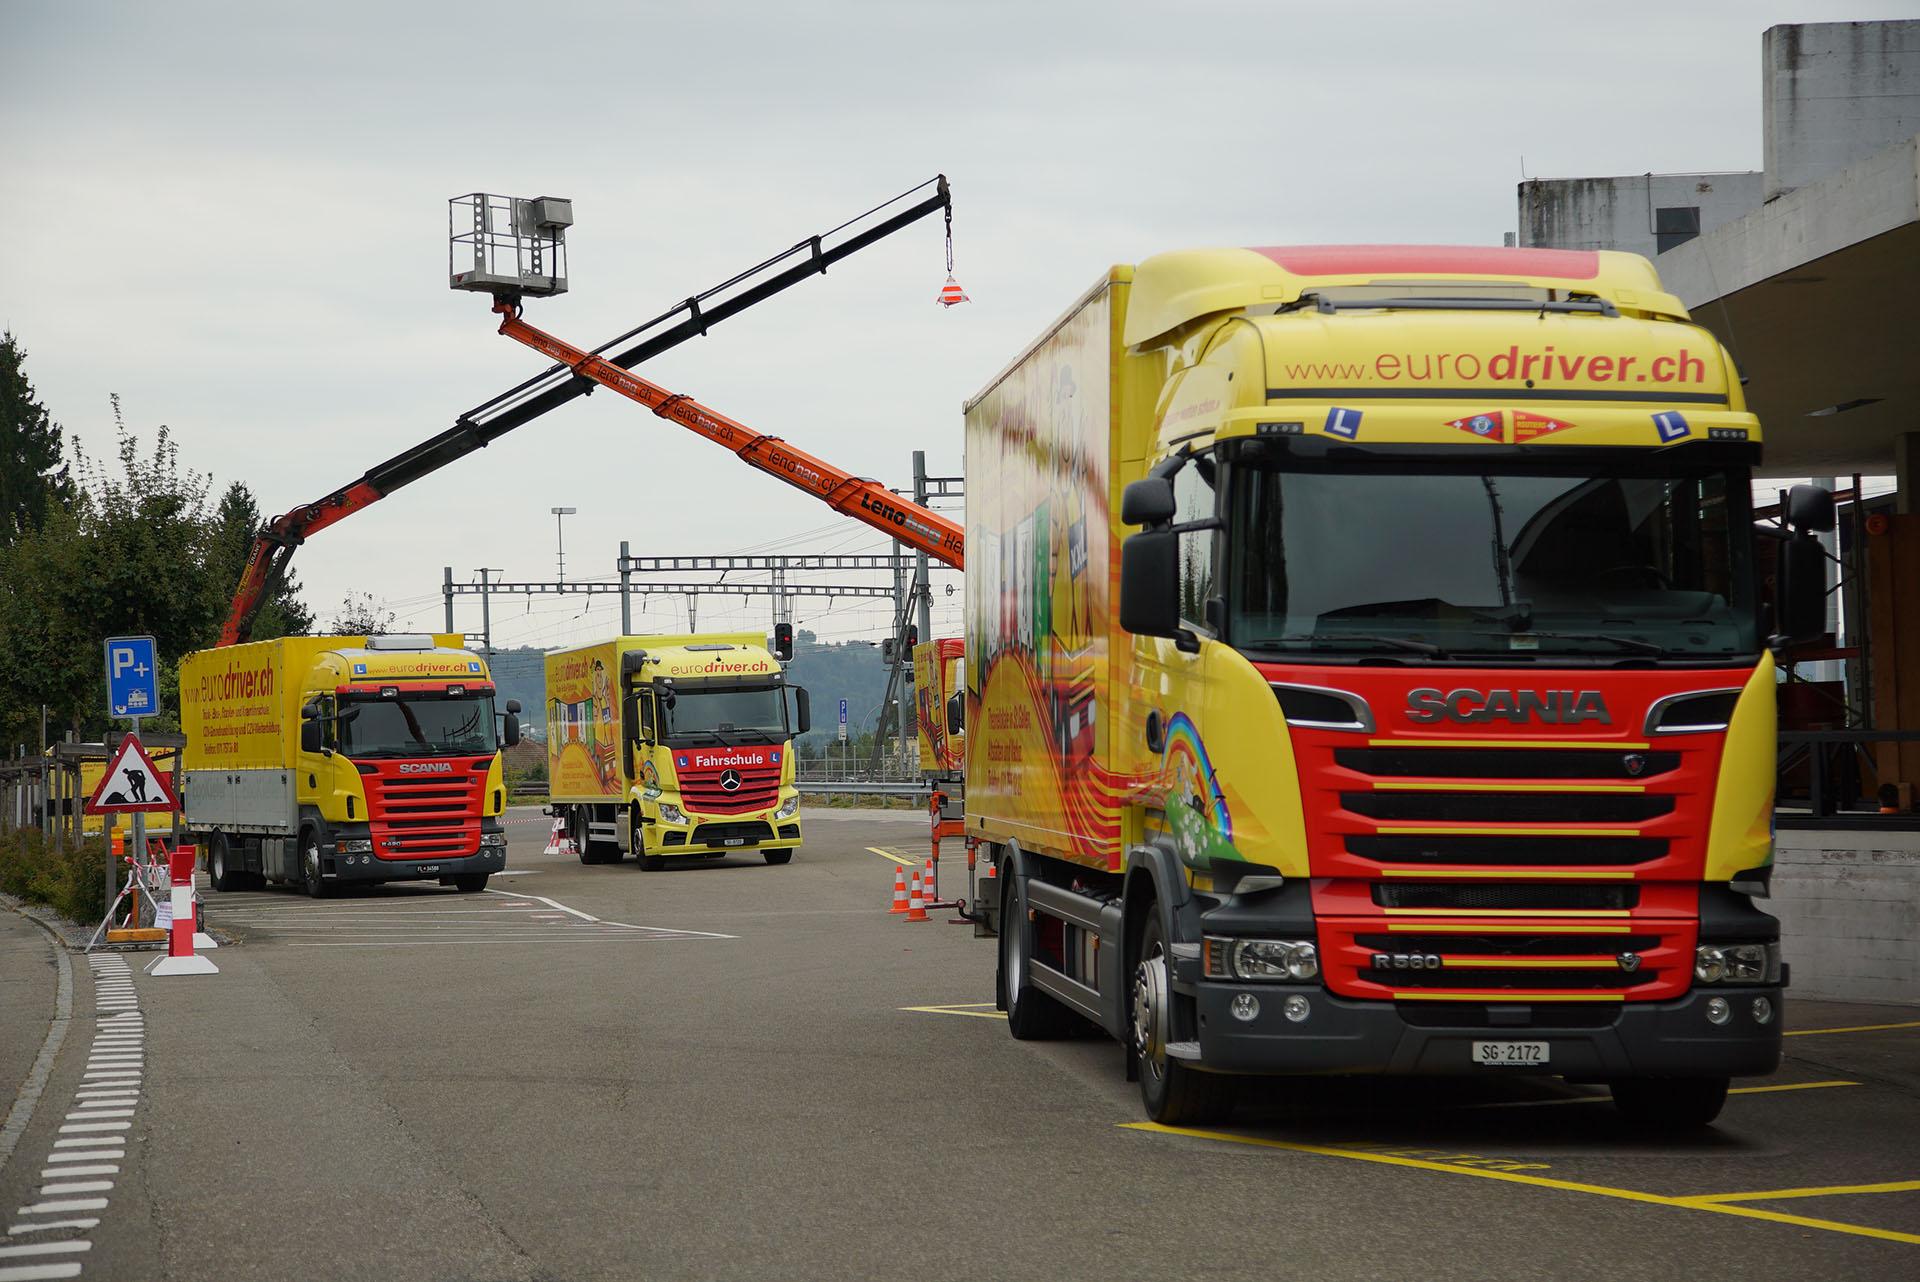 Scania LKW der Eurodriver AG